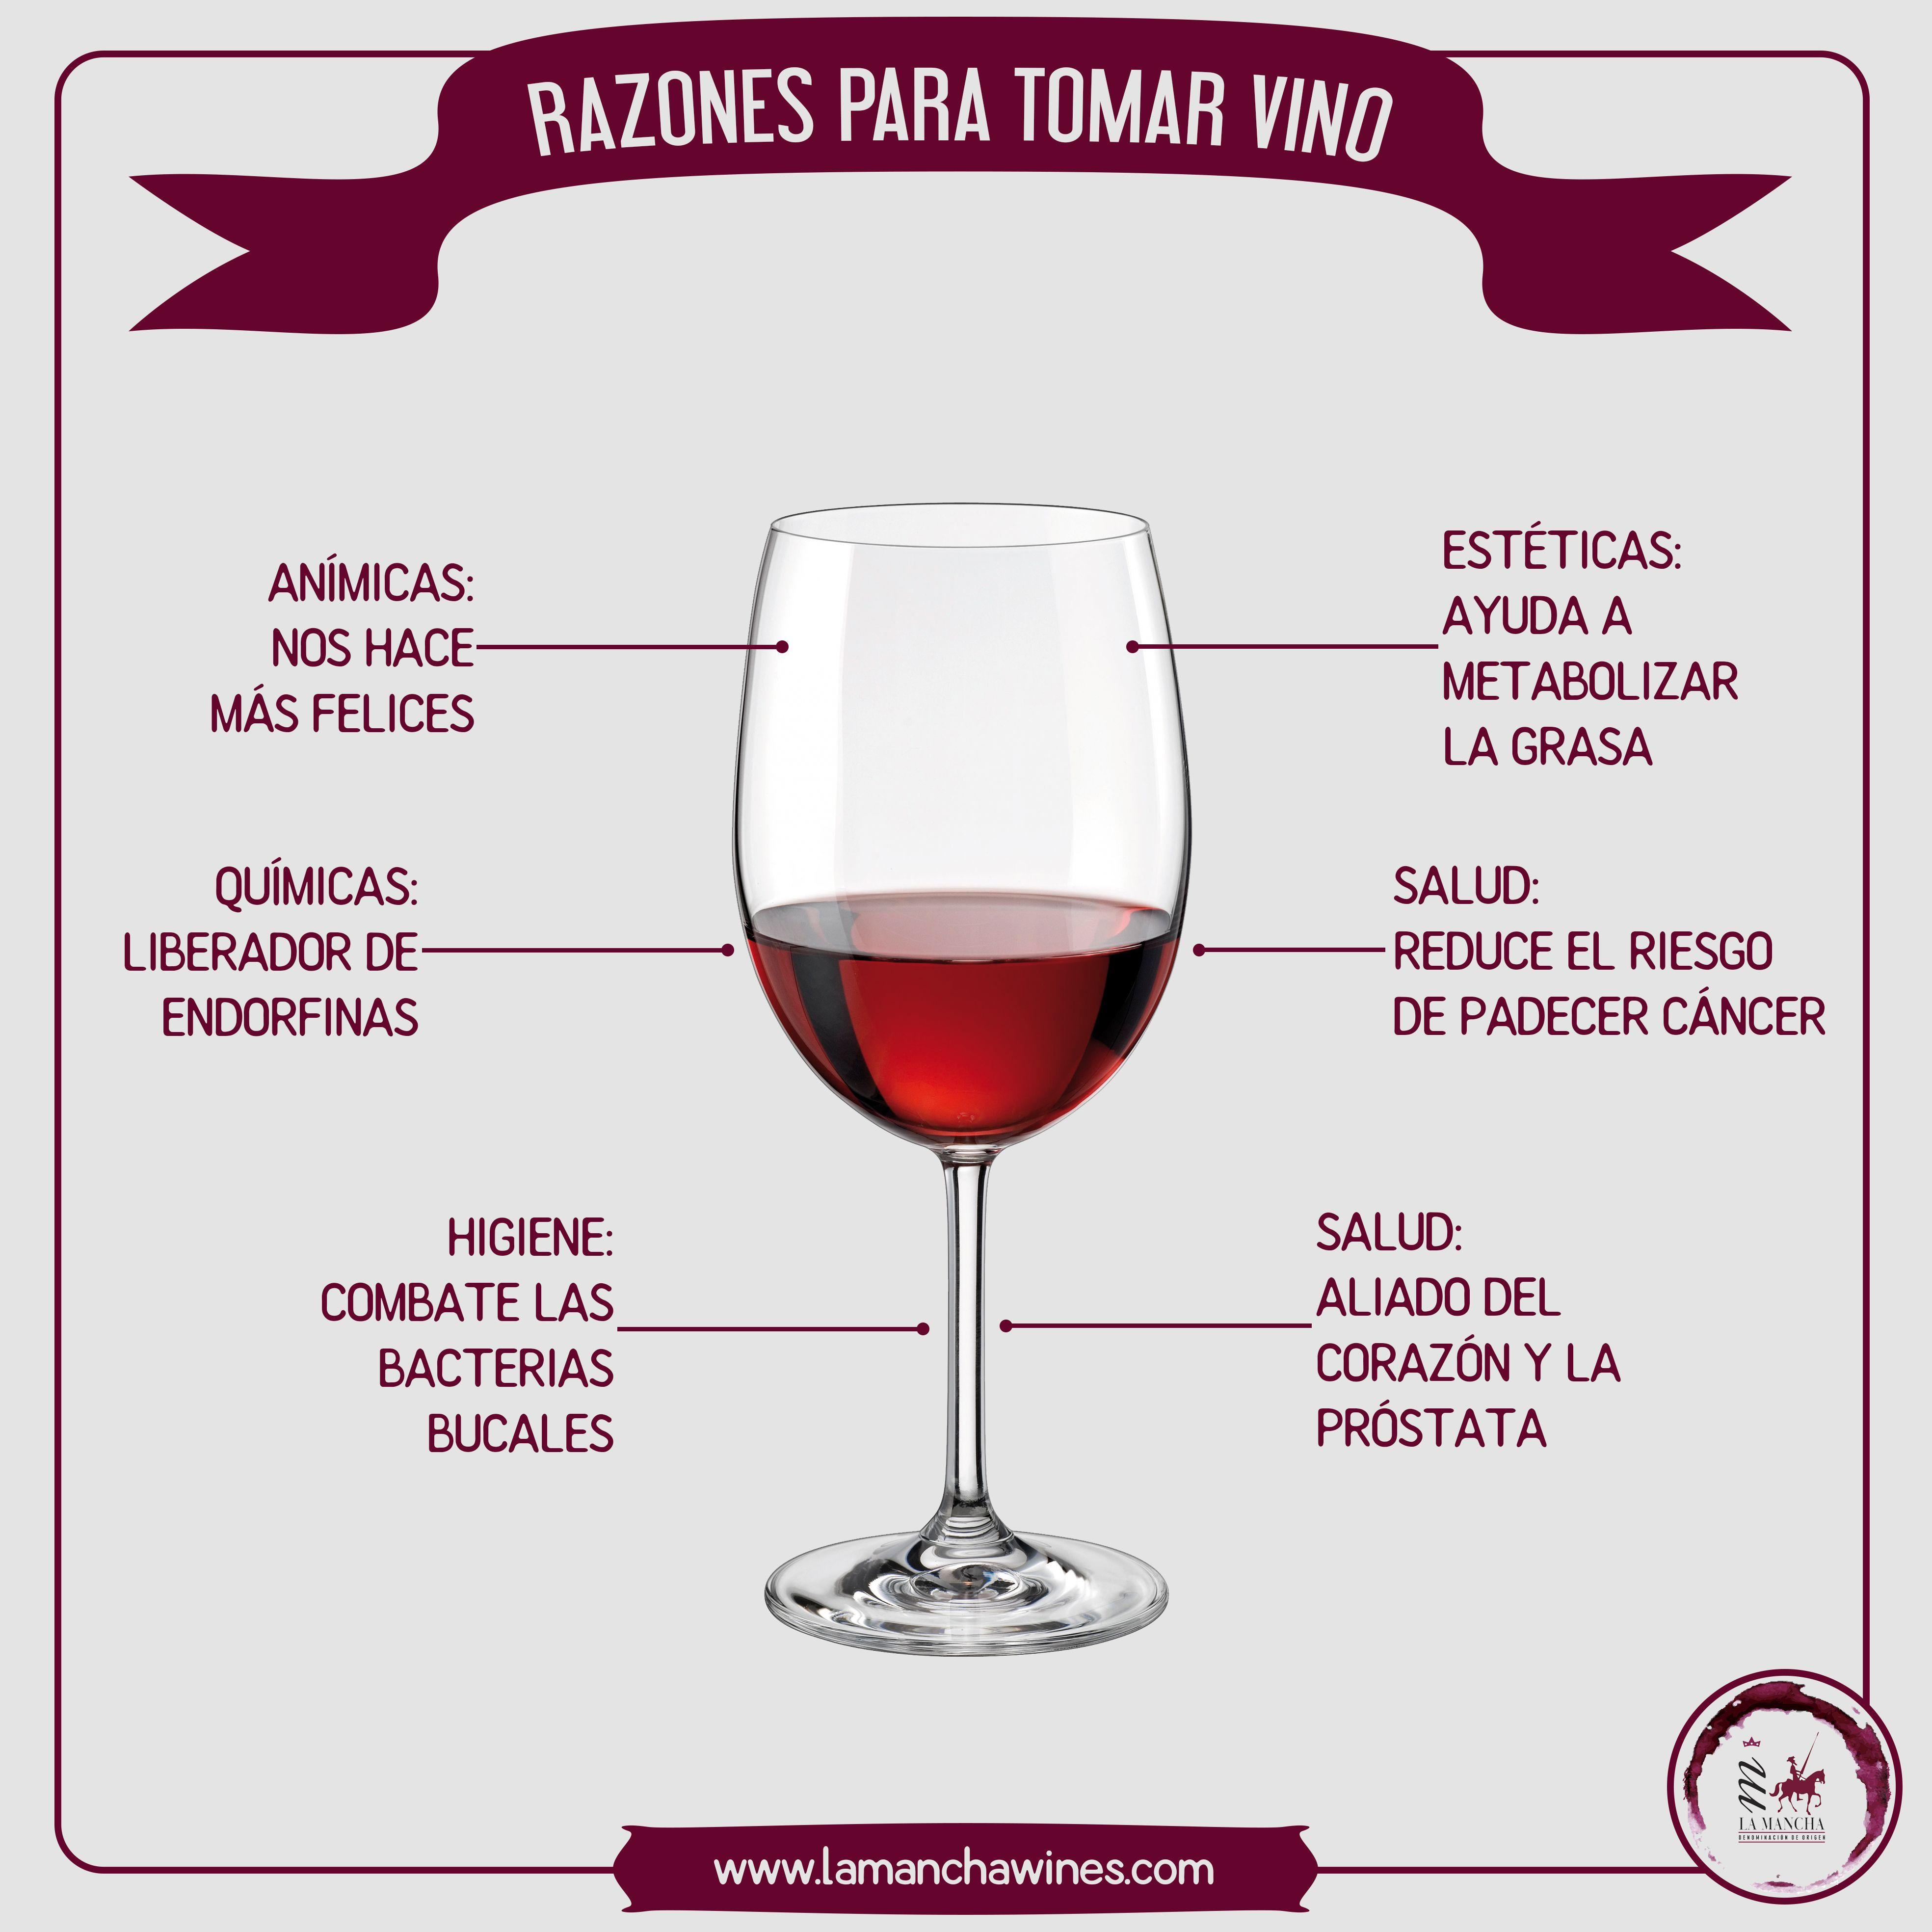 Razones Para Tomar Una O Dos Copas De Vino Diarias Vino Salud Infografía Beneficios Wine Red Wine Alcoholic Drinks Wines